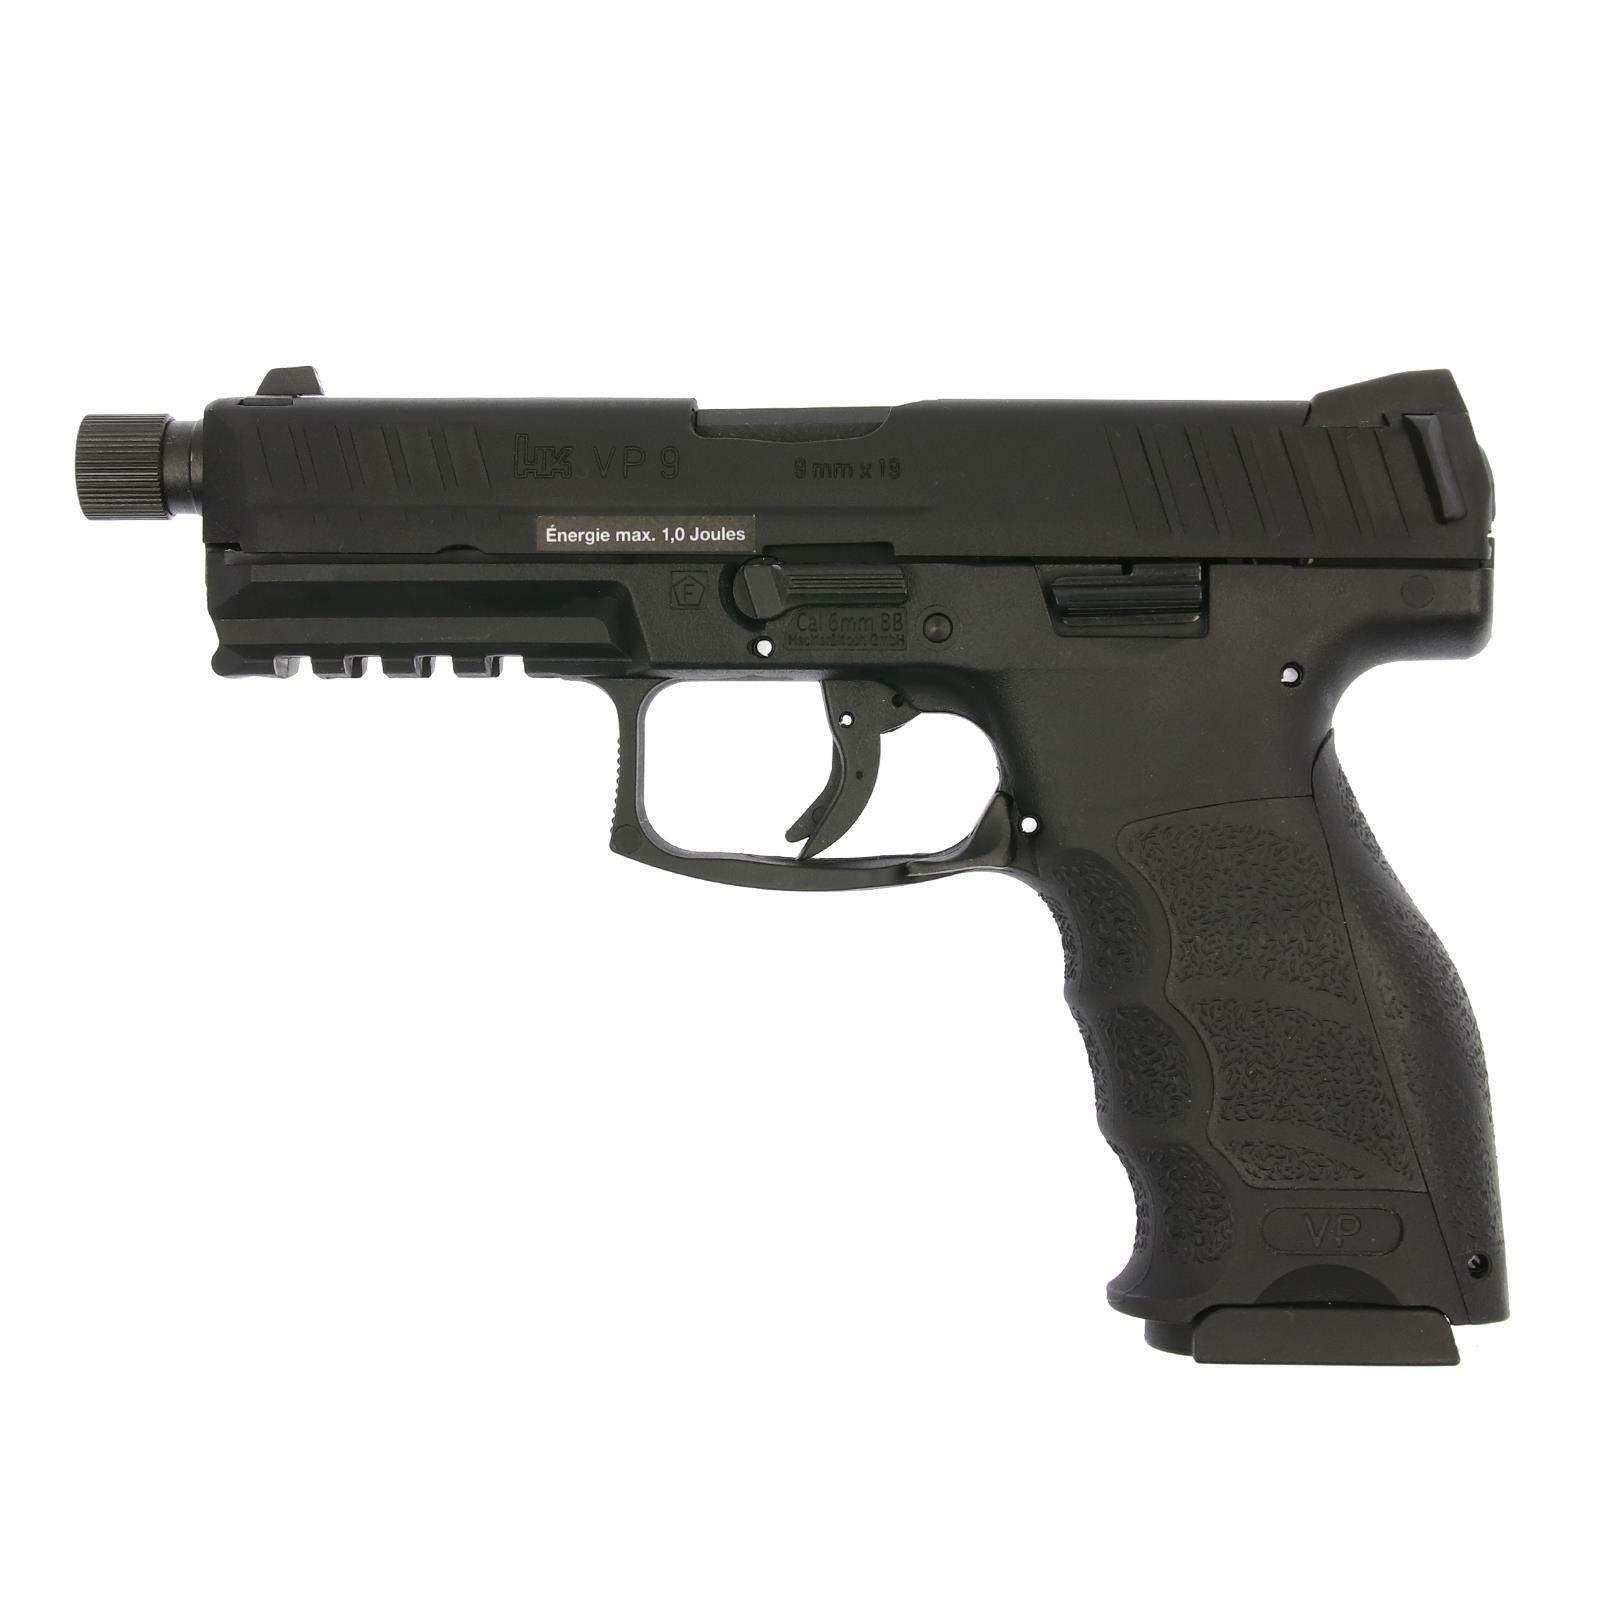 Softair - Pistole - HECKLER & KOCH KOCH KOCH - VP9 Tactical - ab 18 über 0 5 Joule 292b73